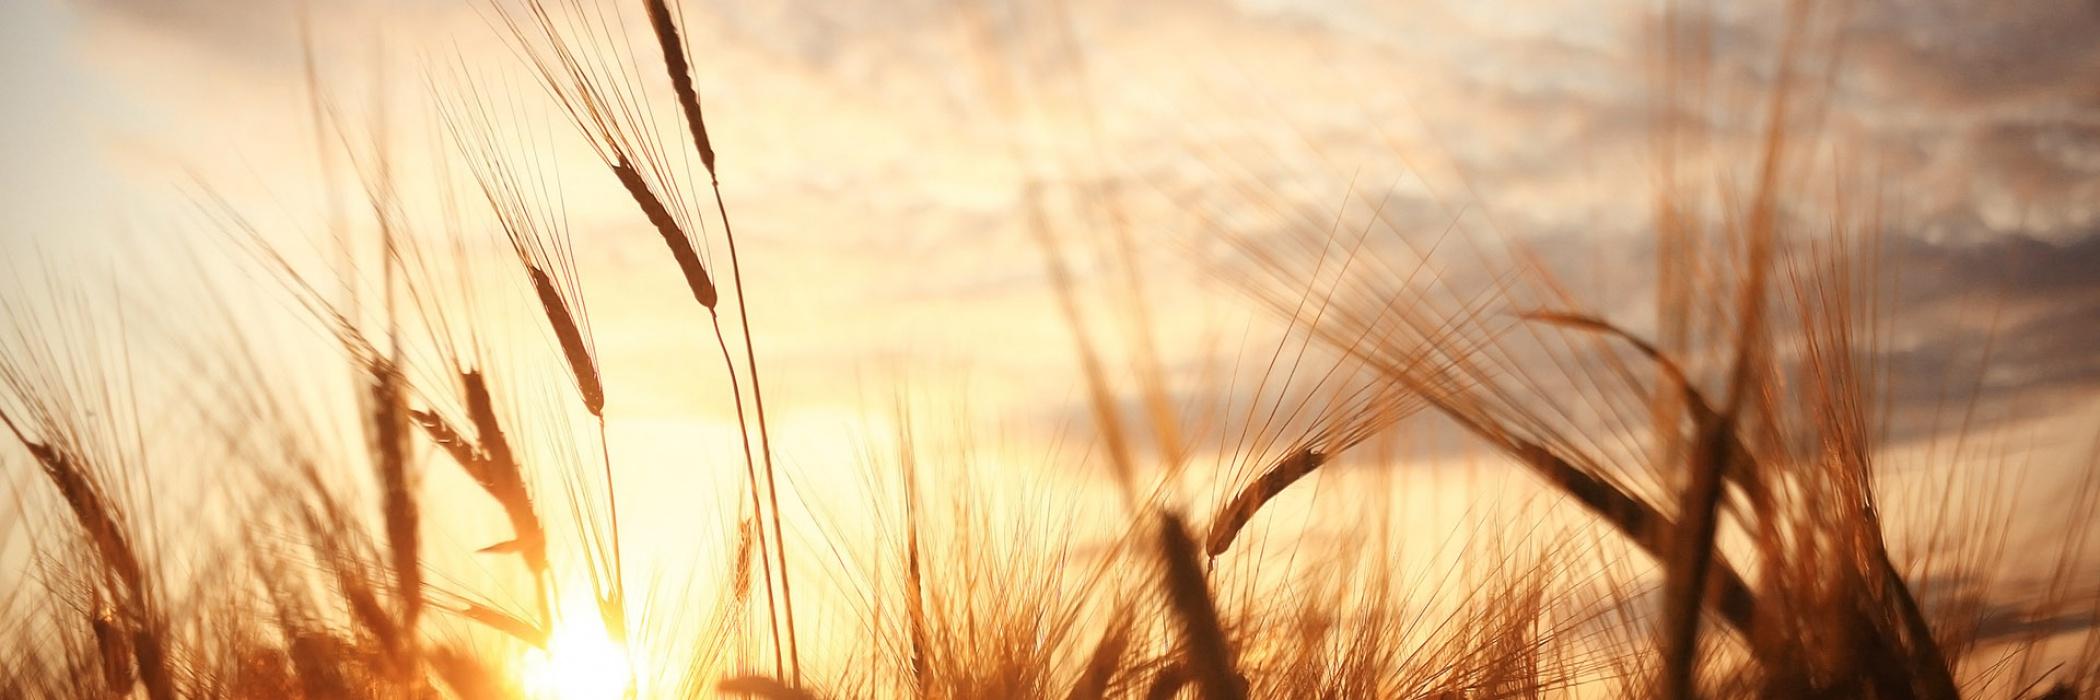 grano al tramonto